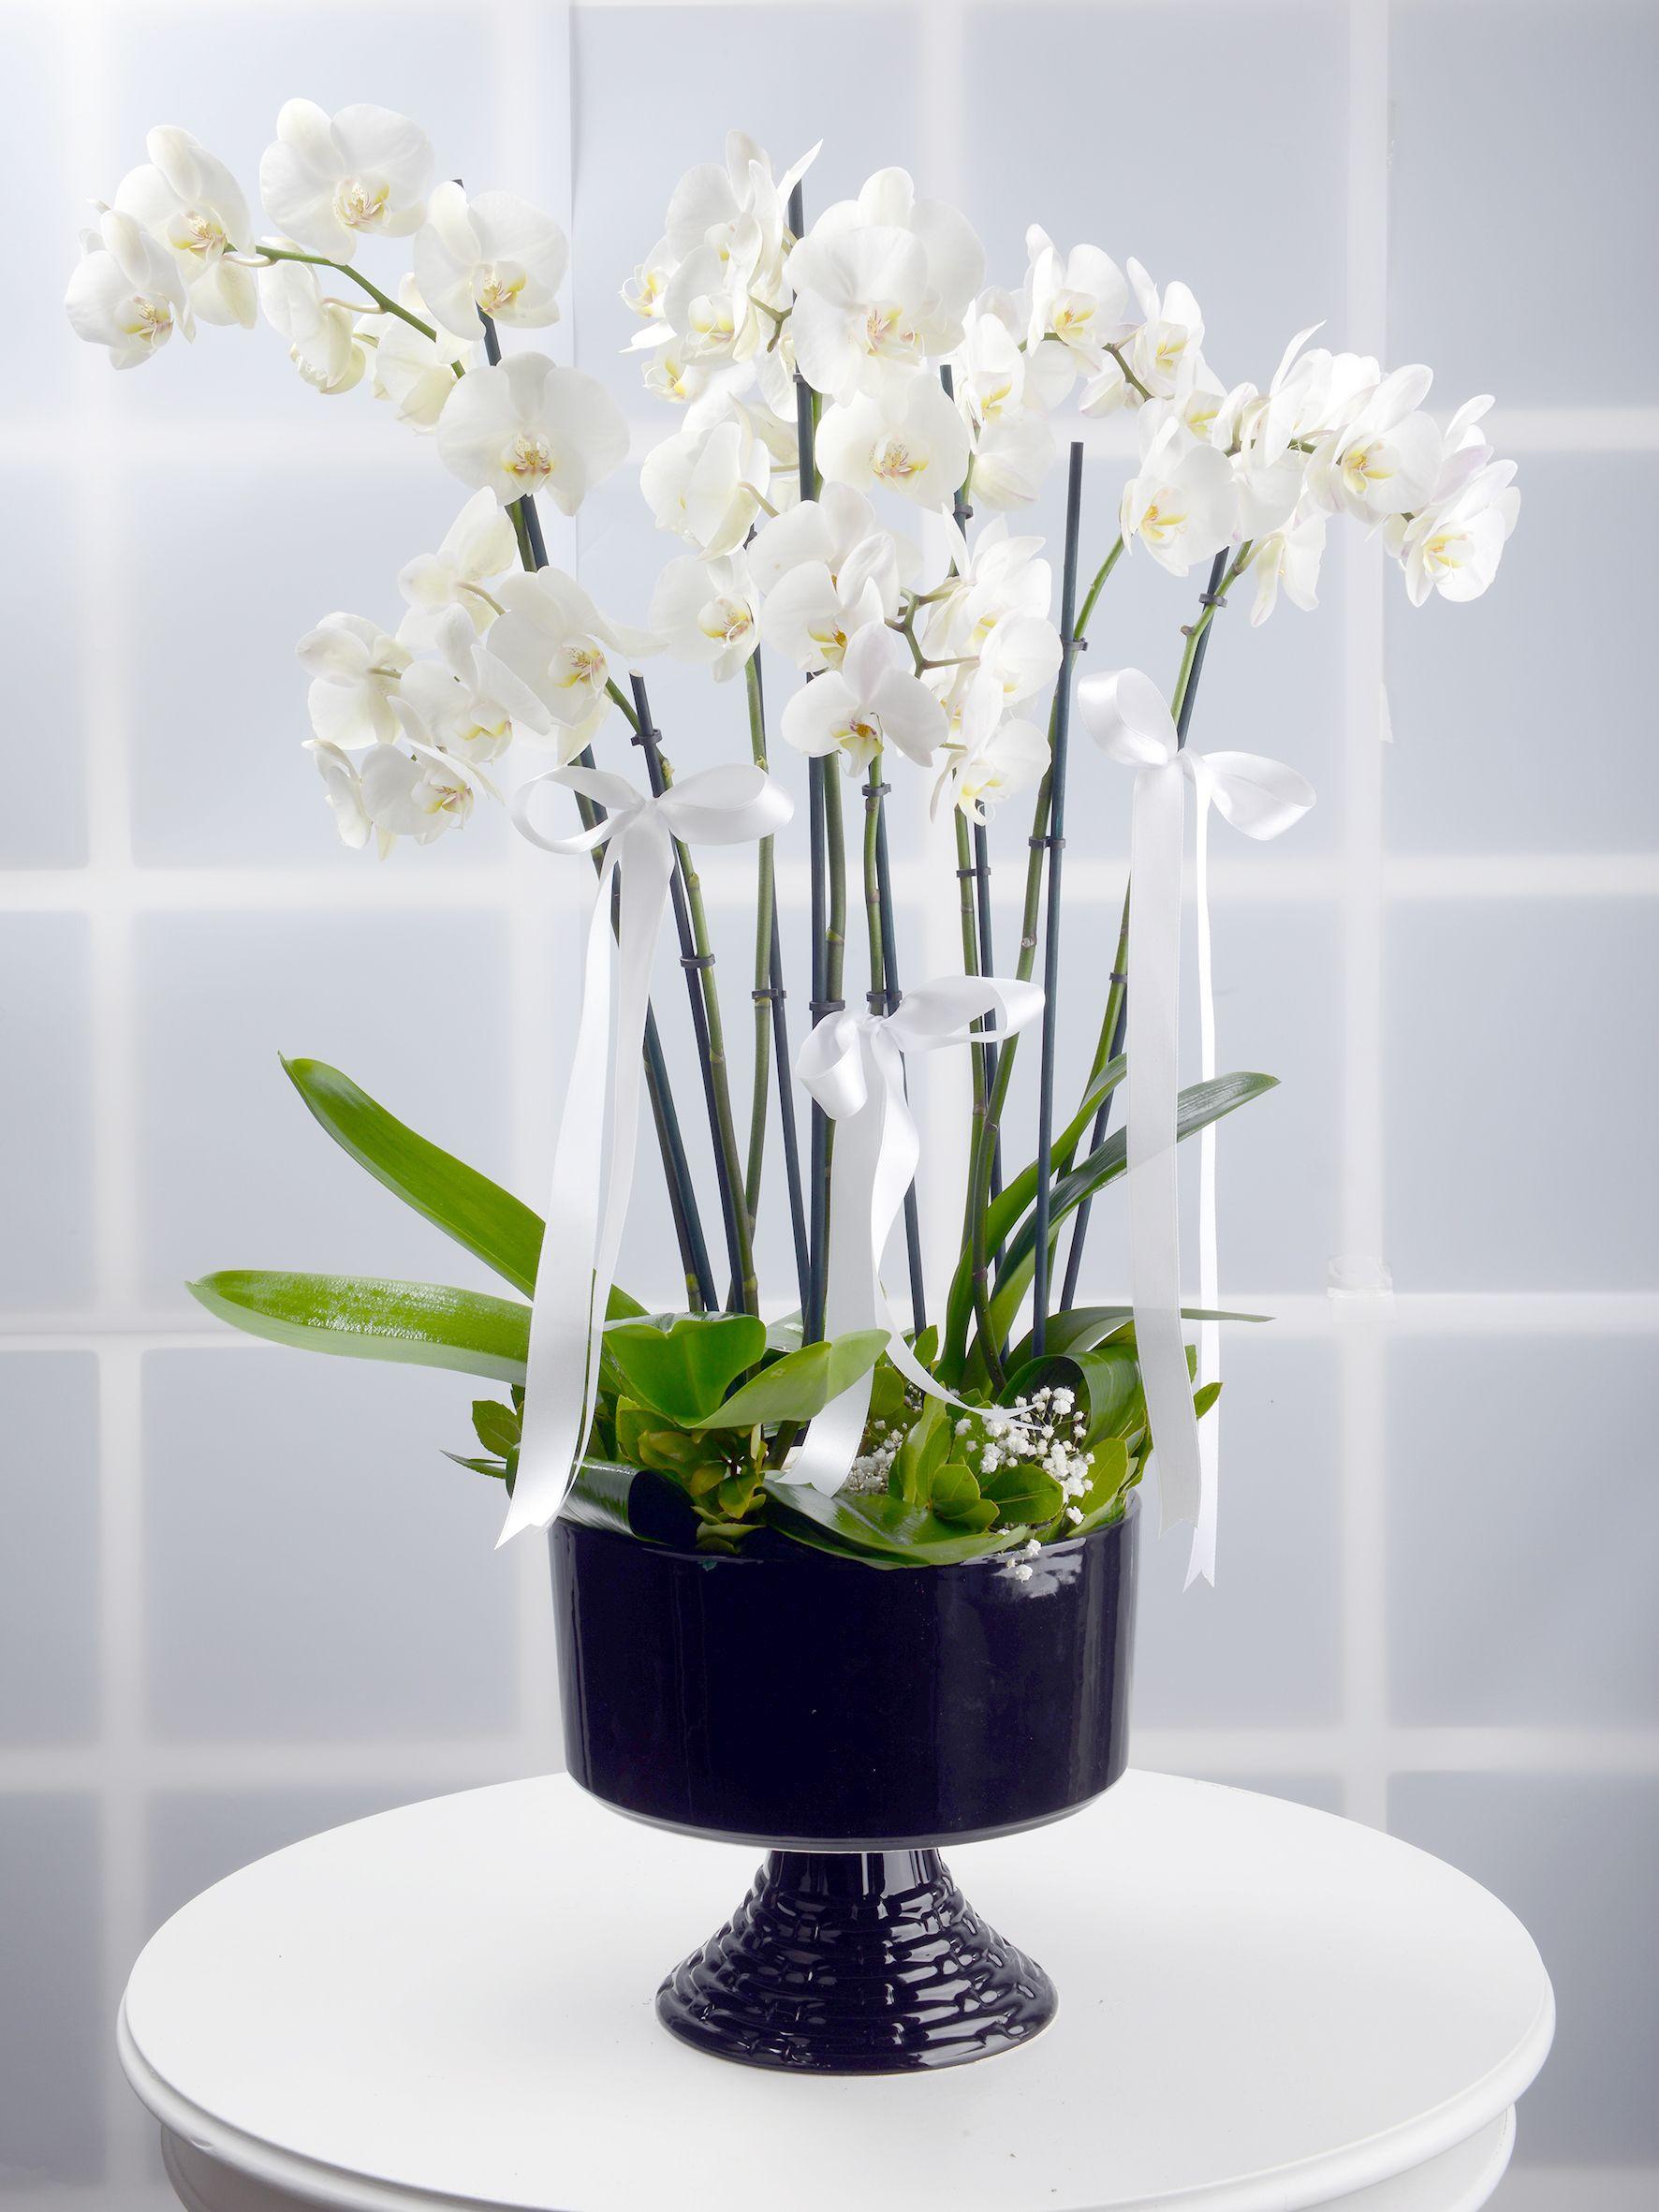 8 Dallı Beyaz Orkide Çiçeği. Orkideler çiçek gönder